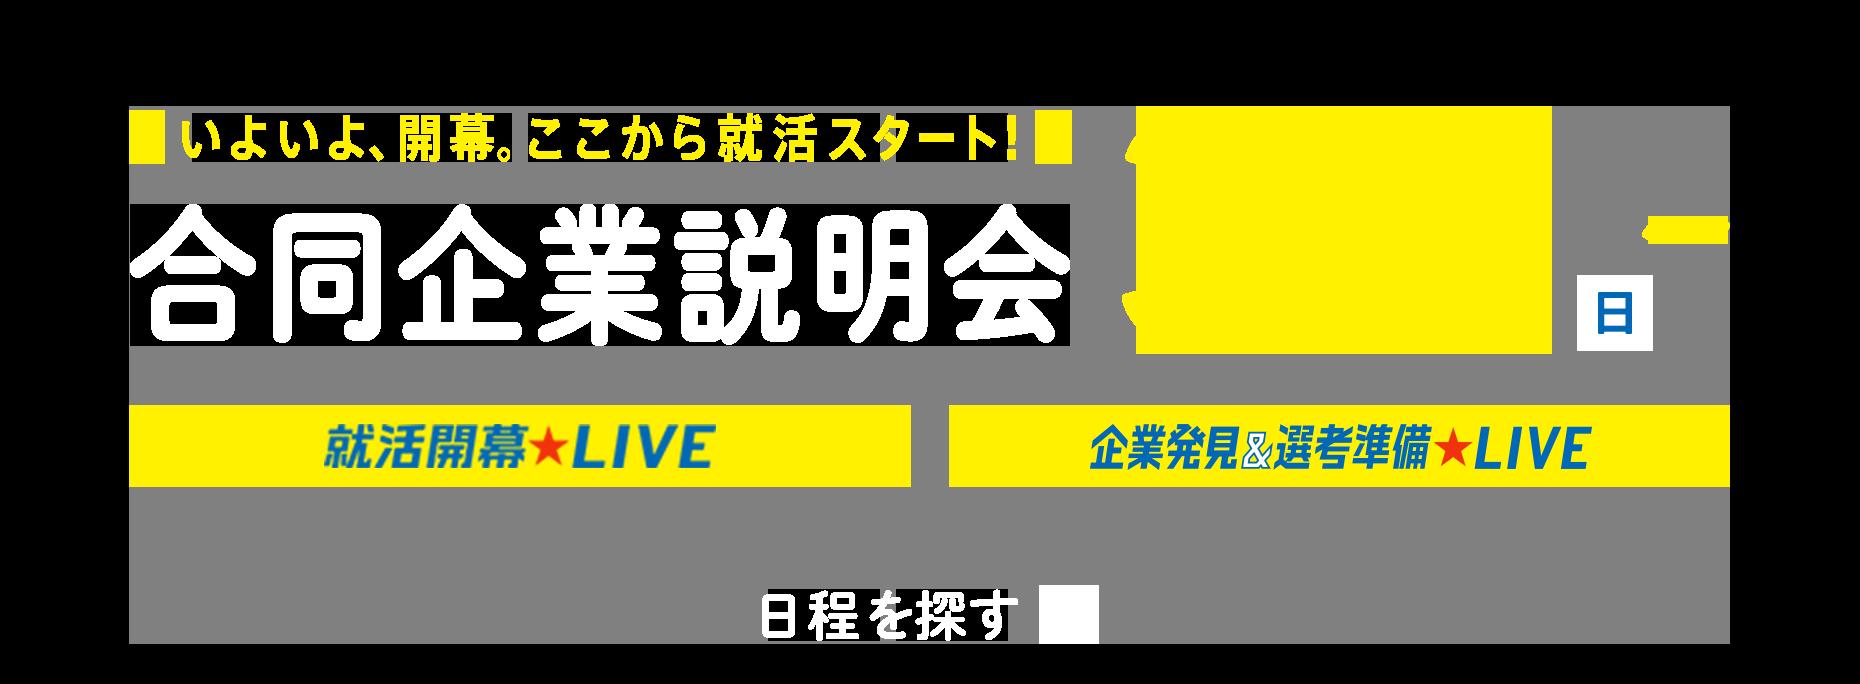 就活開幕LIVE リクナビ